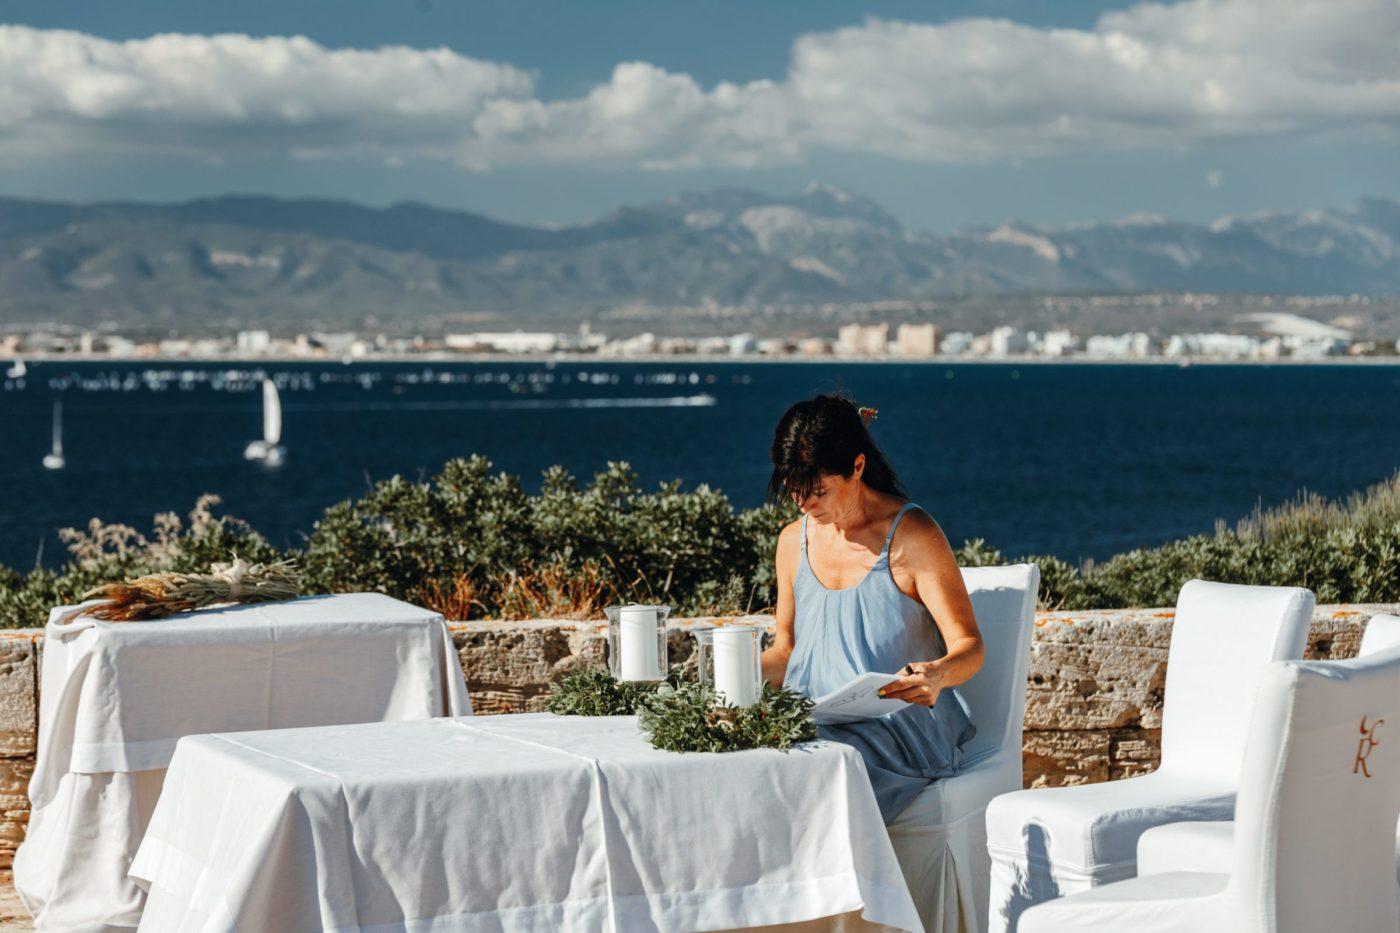 Ich sitze am Altar in der Sonne am Meer und bereite mich auf die bevorstehende freie Trauungszeremonie vor.